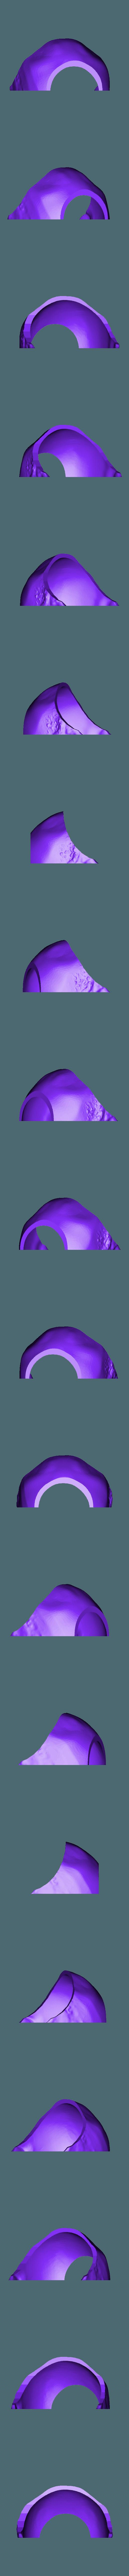 Tarman bigger mask back.stl Télécharger fichier STL gratuit MASQUE DE ZOMBIE TARMAN • Objet imprimable en 3D, LittleTup